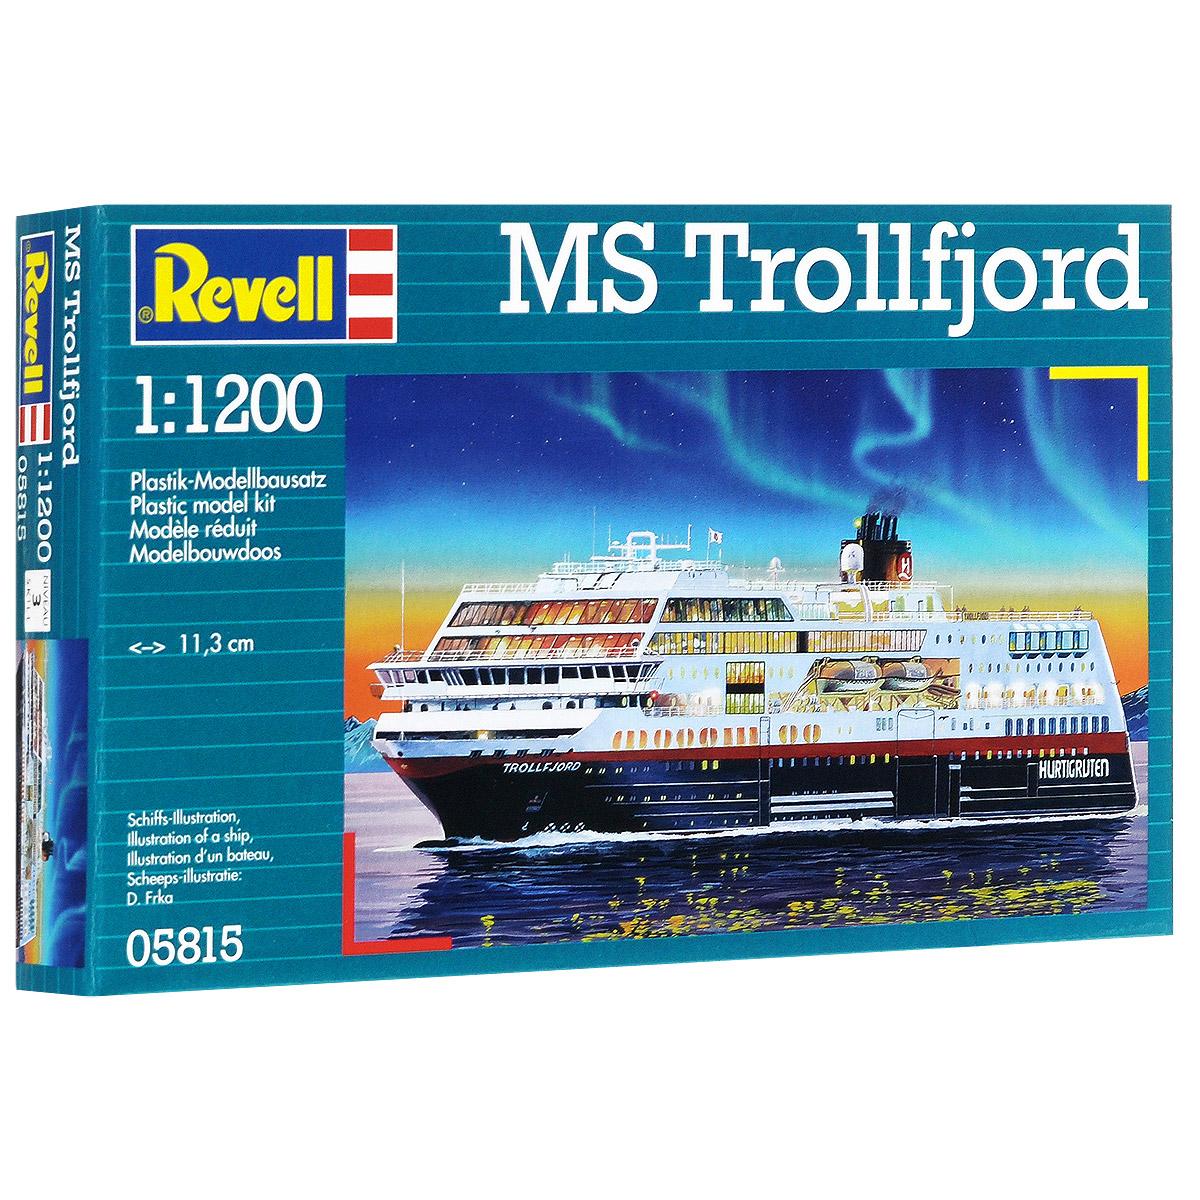 Сборная модель Revell Круизный лайнер MS Trollfjord05815Сборная модель Revell Круизный лайнер MS Trollfjord поможет вам и вашему ребенку придумать увлекательное занятие на долгое время. Набор включает в себя 43 пластиковых элемента, из которых можно собрать достоверную уменьшенную копию одноименного корабля. Корабль, плавающий под норвежским флагом, курсирует между городами Берген и Киркенес. Палубы лайнера способны вместить до 823 пассажиров и 45 автомобилей. Также в наборе схематичная инструкция по сборке. Процесс сборки развивает интеллектуальные и инструментальные способности, воображение и конструктивное мышление, а также прививает практические навыки работы со схемами и чертежами. Уровень сложности: 3. УВАЖАЕМЫЕ КЛИЕНТЫ! Обращаем ваше внимание на тот факт, что элементы для сборки не покрашены. Клей и краски в комплект не входят.